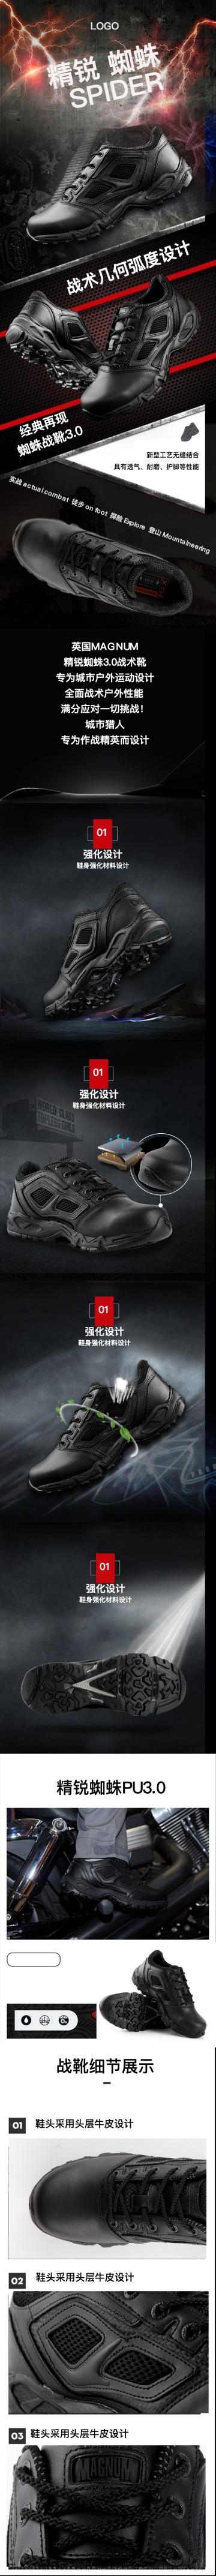 时尚炫酷牛皮鞋电商详情图